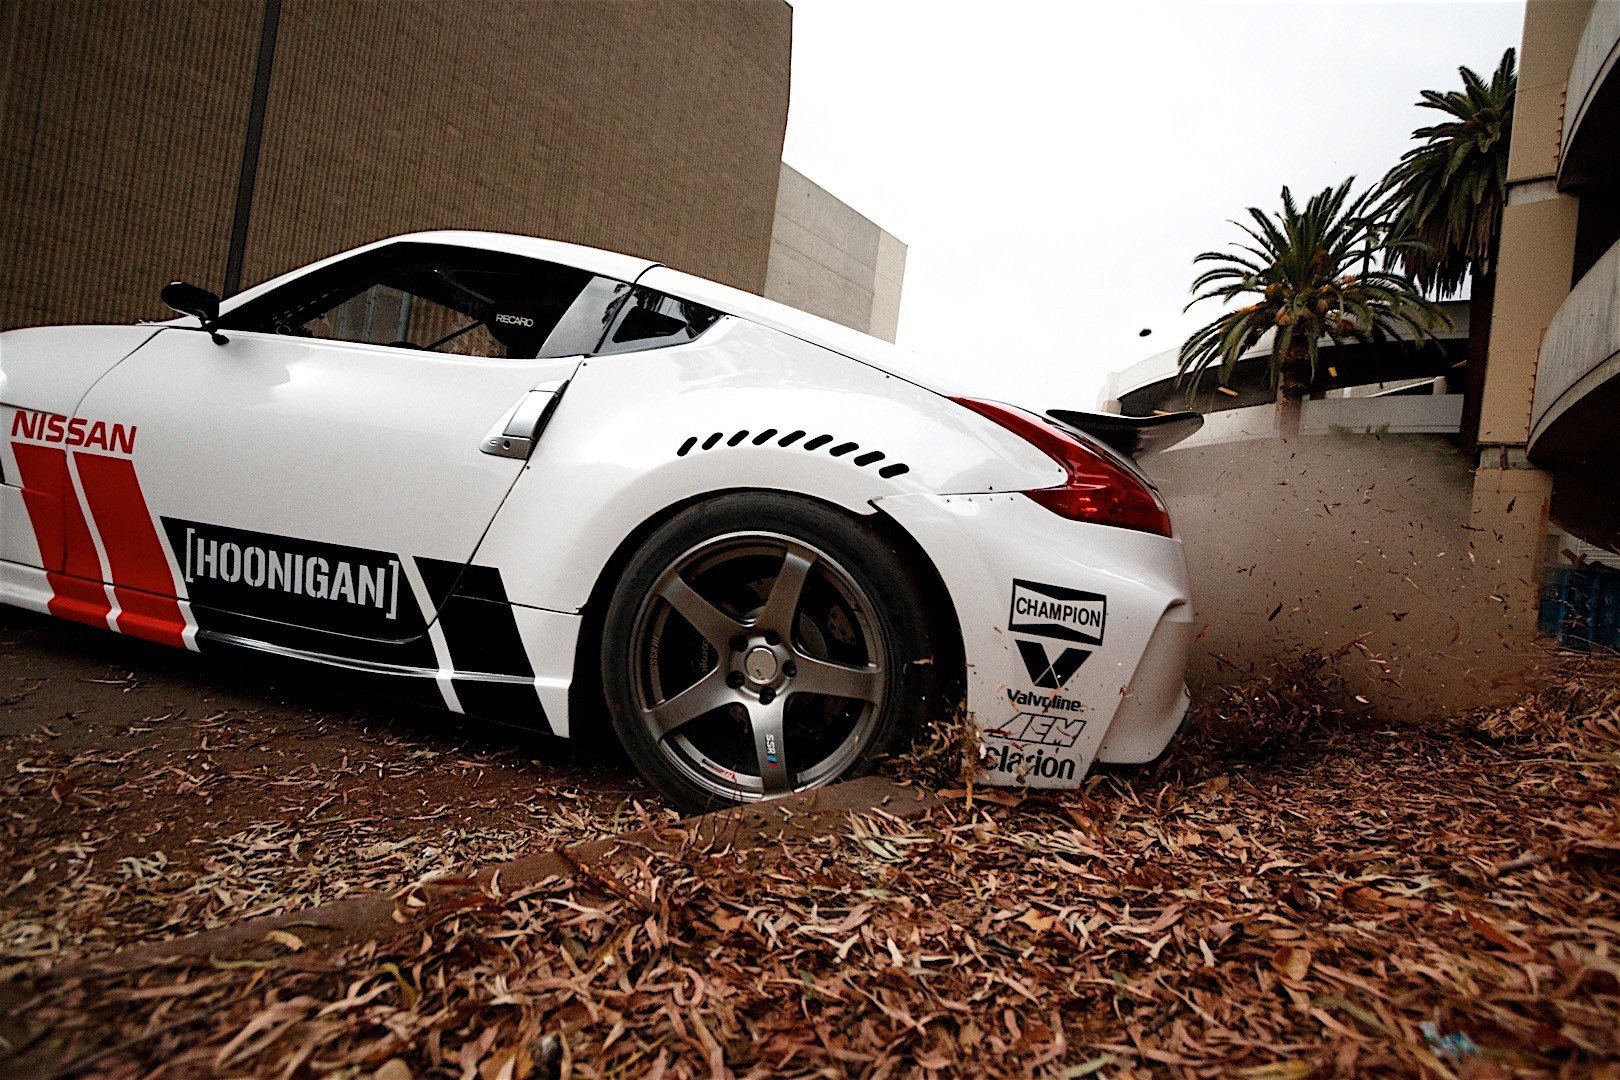 Hoonigan Escort >> Nissan and Hoonigan's Black Friday Has Two 1,000 HP Cars ...